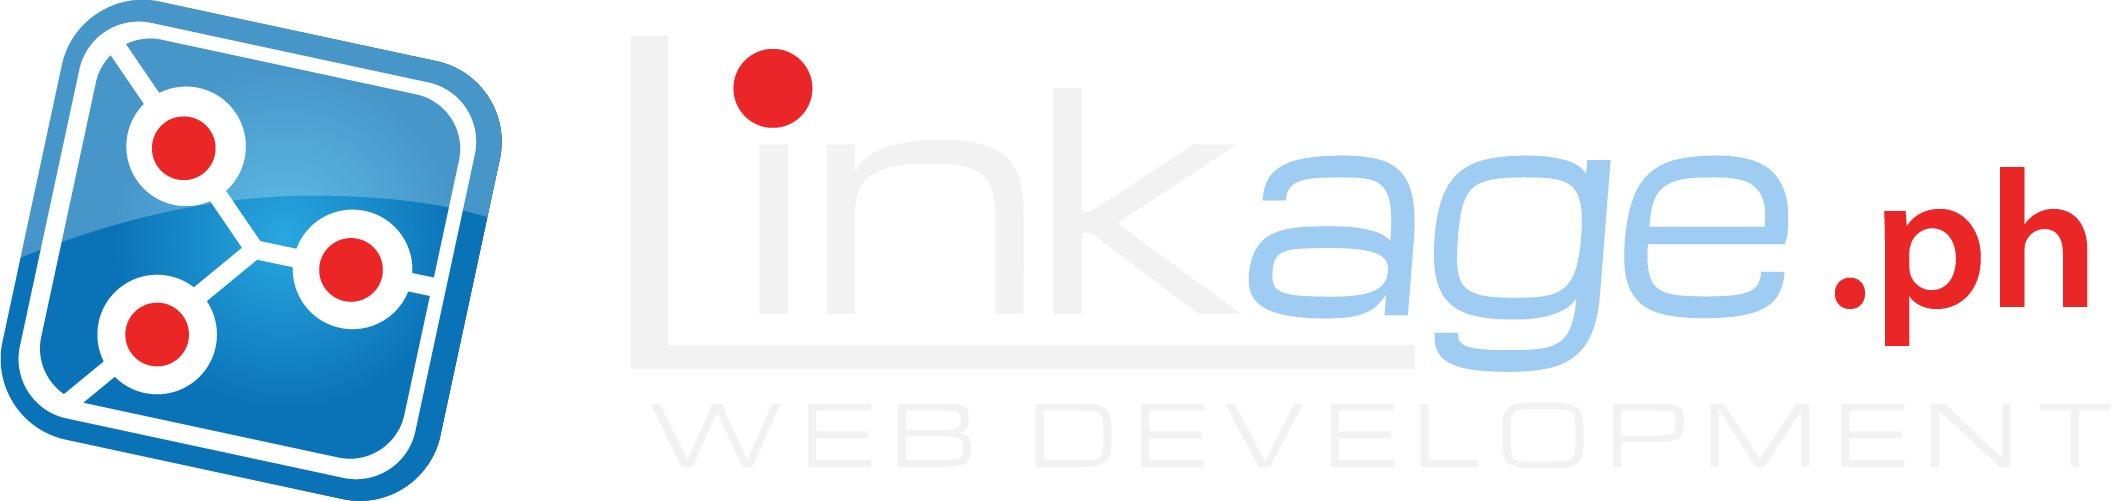 Linkage Web